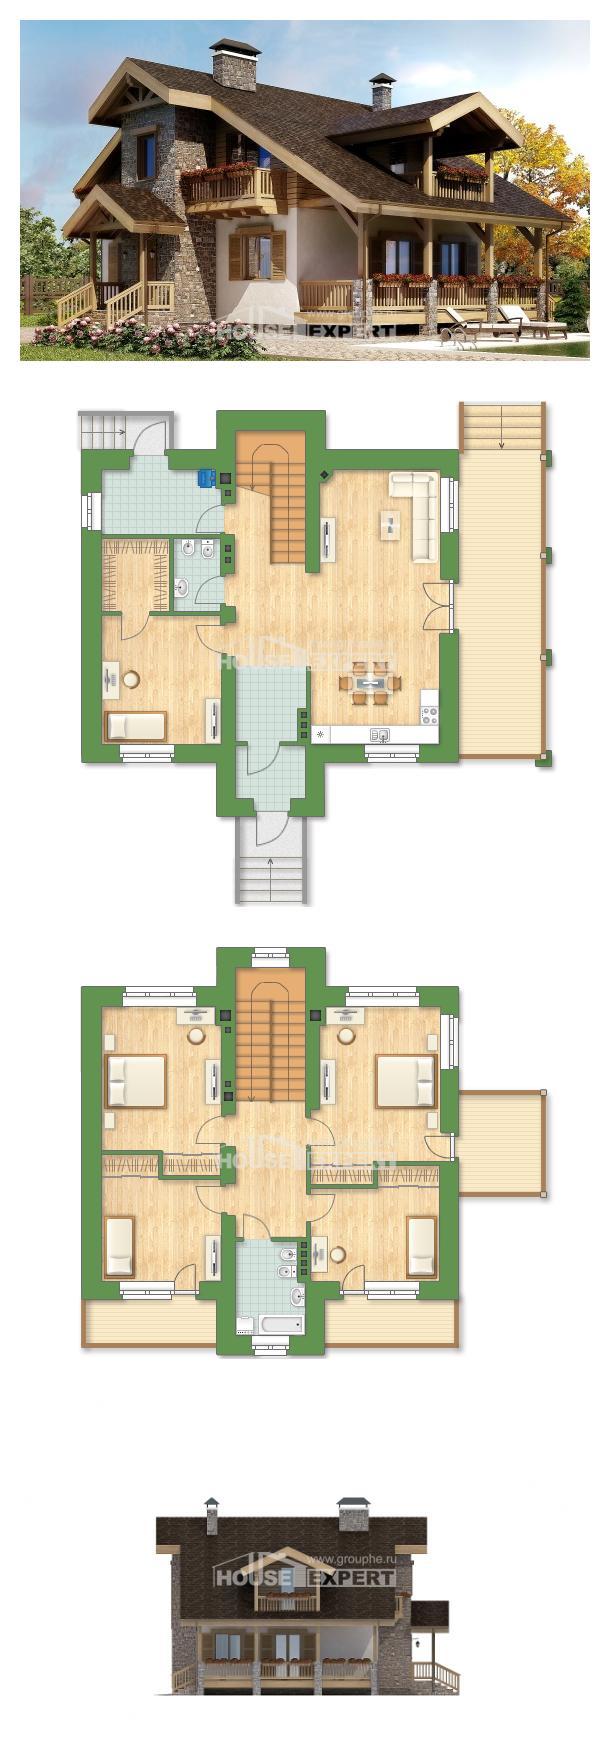 Проект дома 150-004-П | House Expert